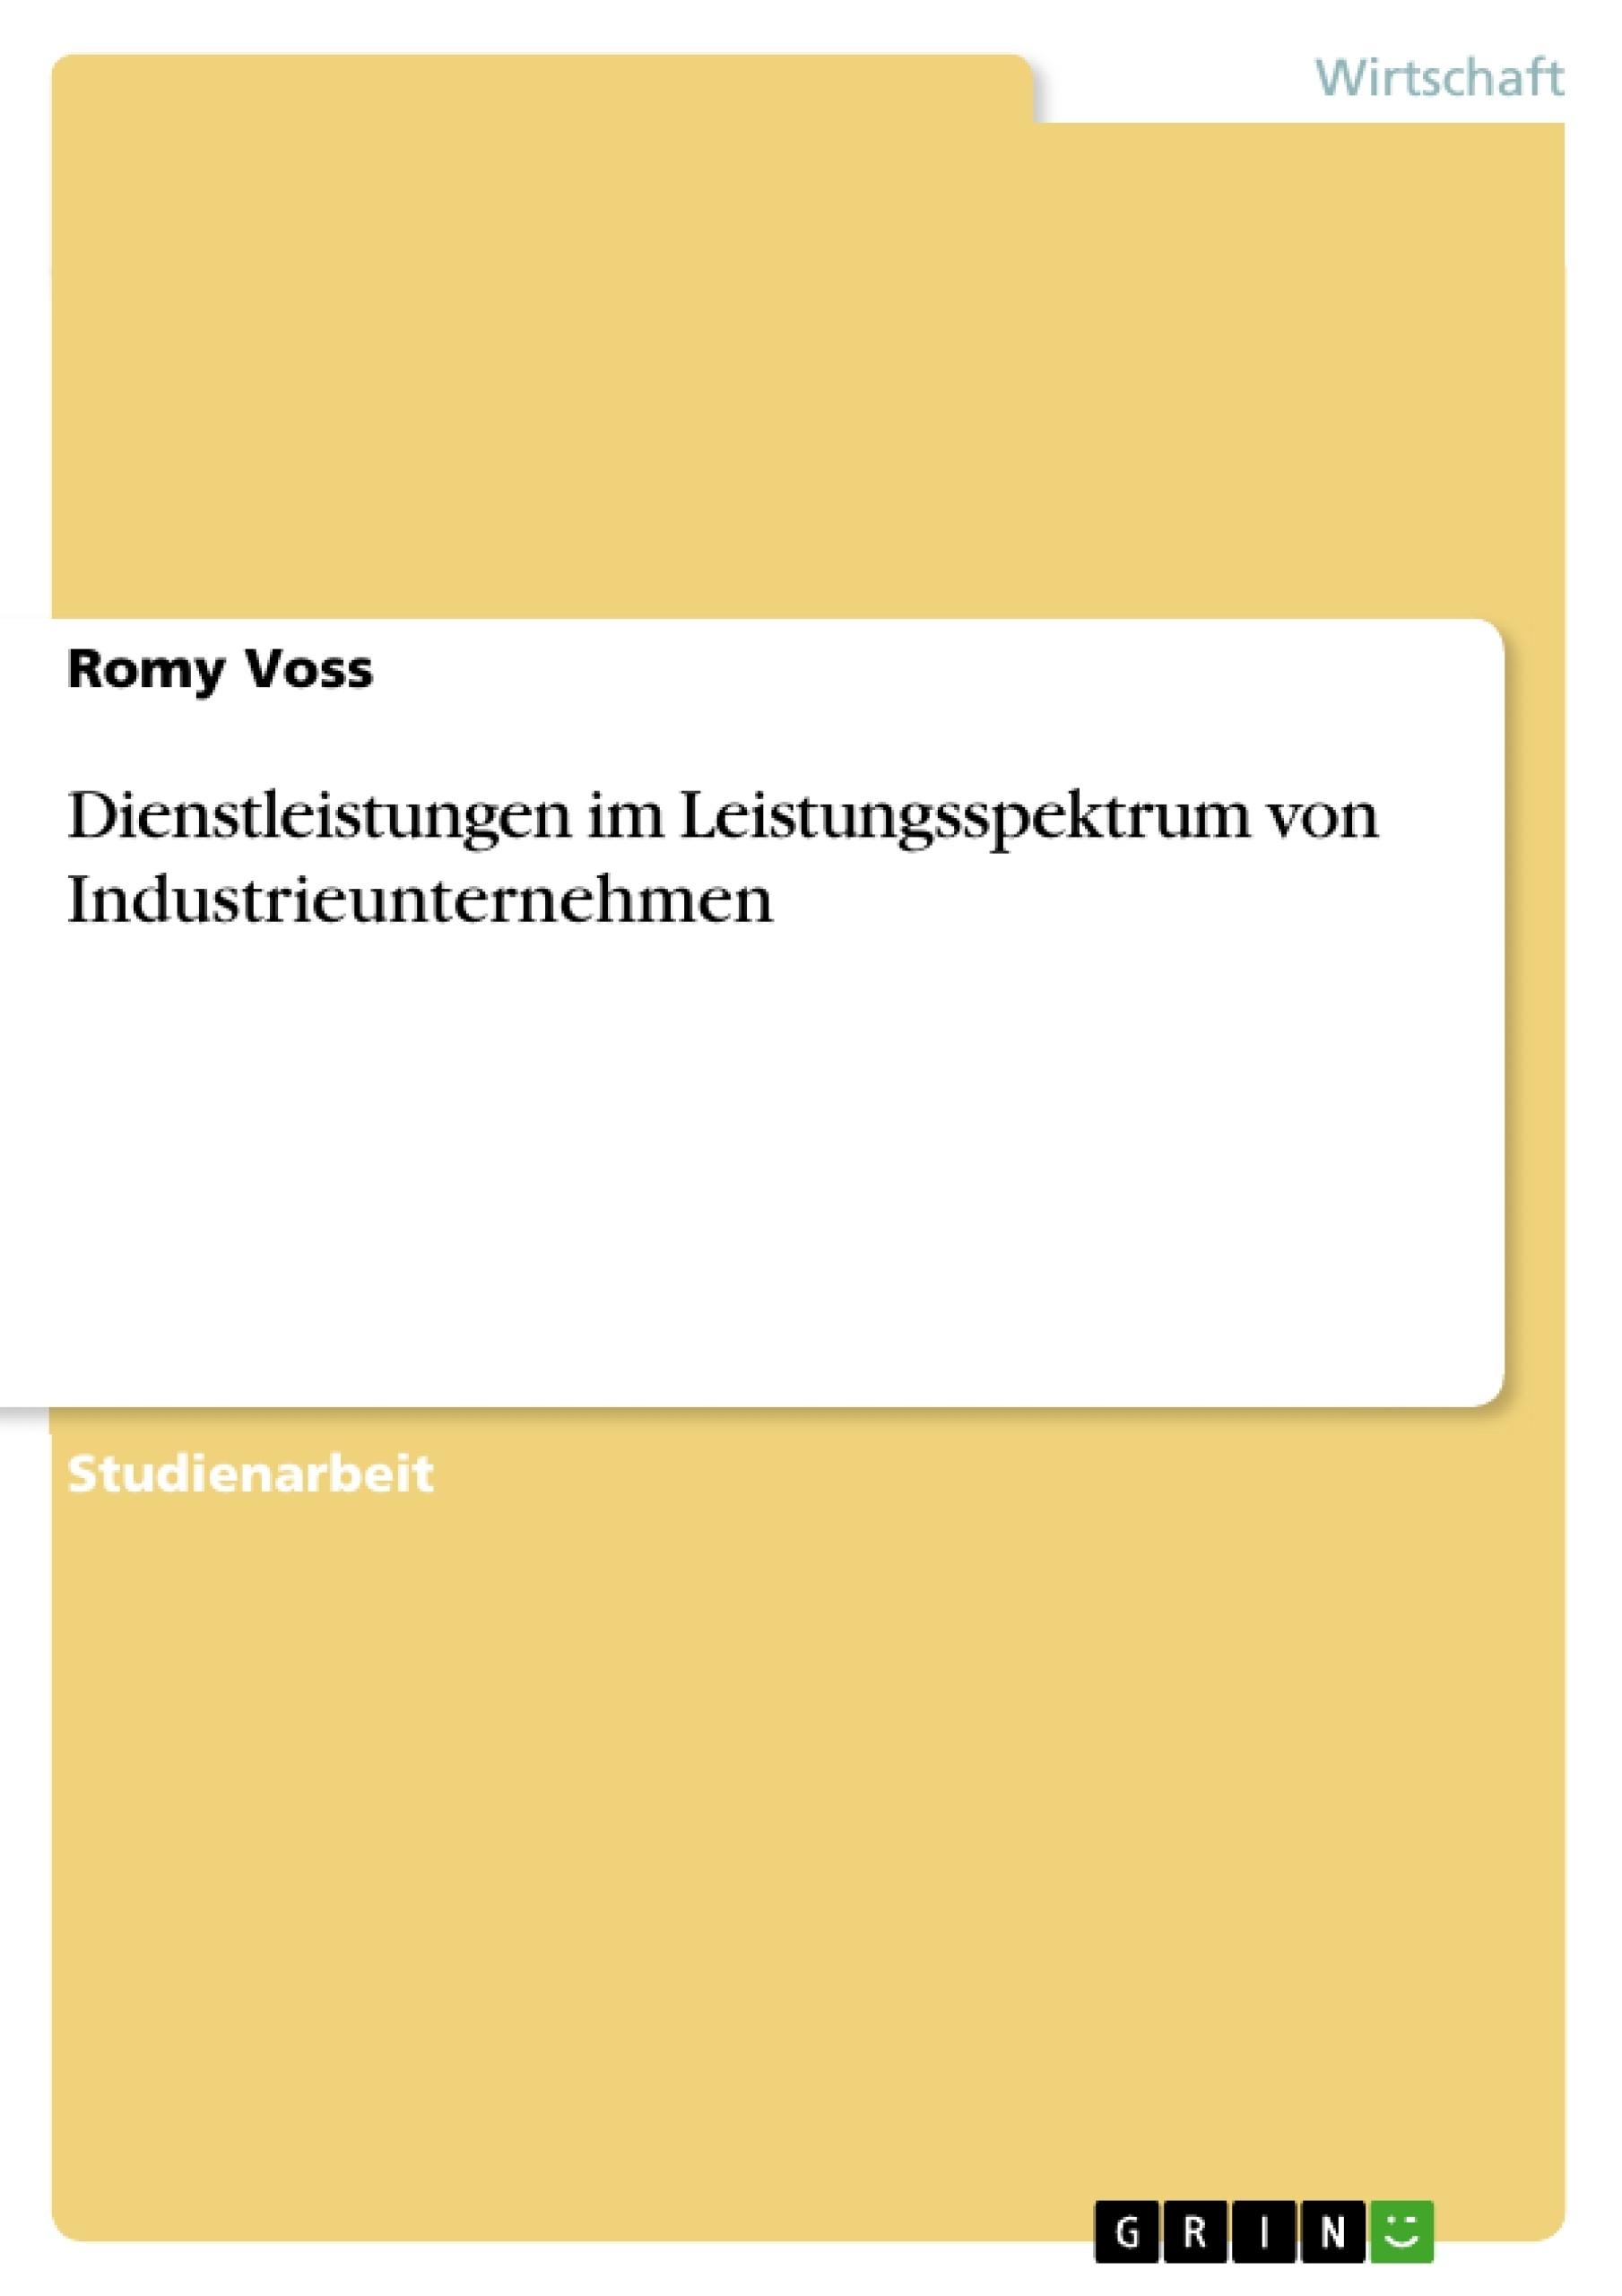 Titel: Dienstleistungen im Leistungsspektrum von Industrieunternehmen